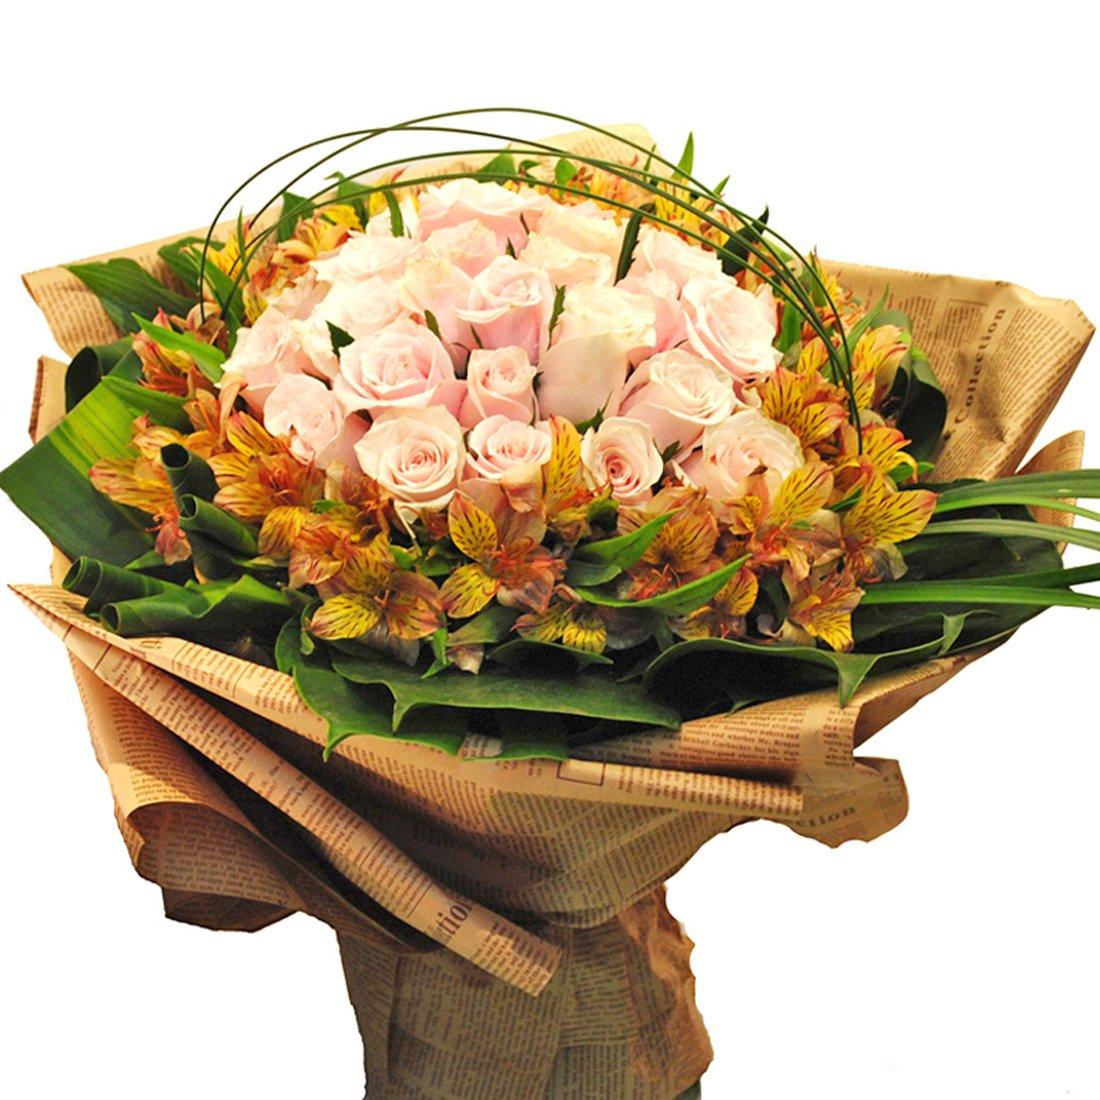 花柚 全国鲜花速递 33朵香槟玫瑰花束生日鲜花情人节订花 北京上海